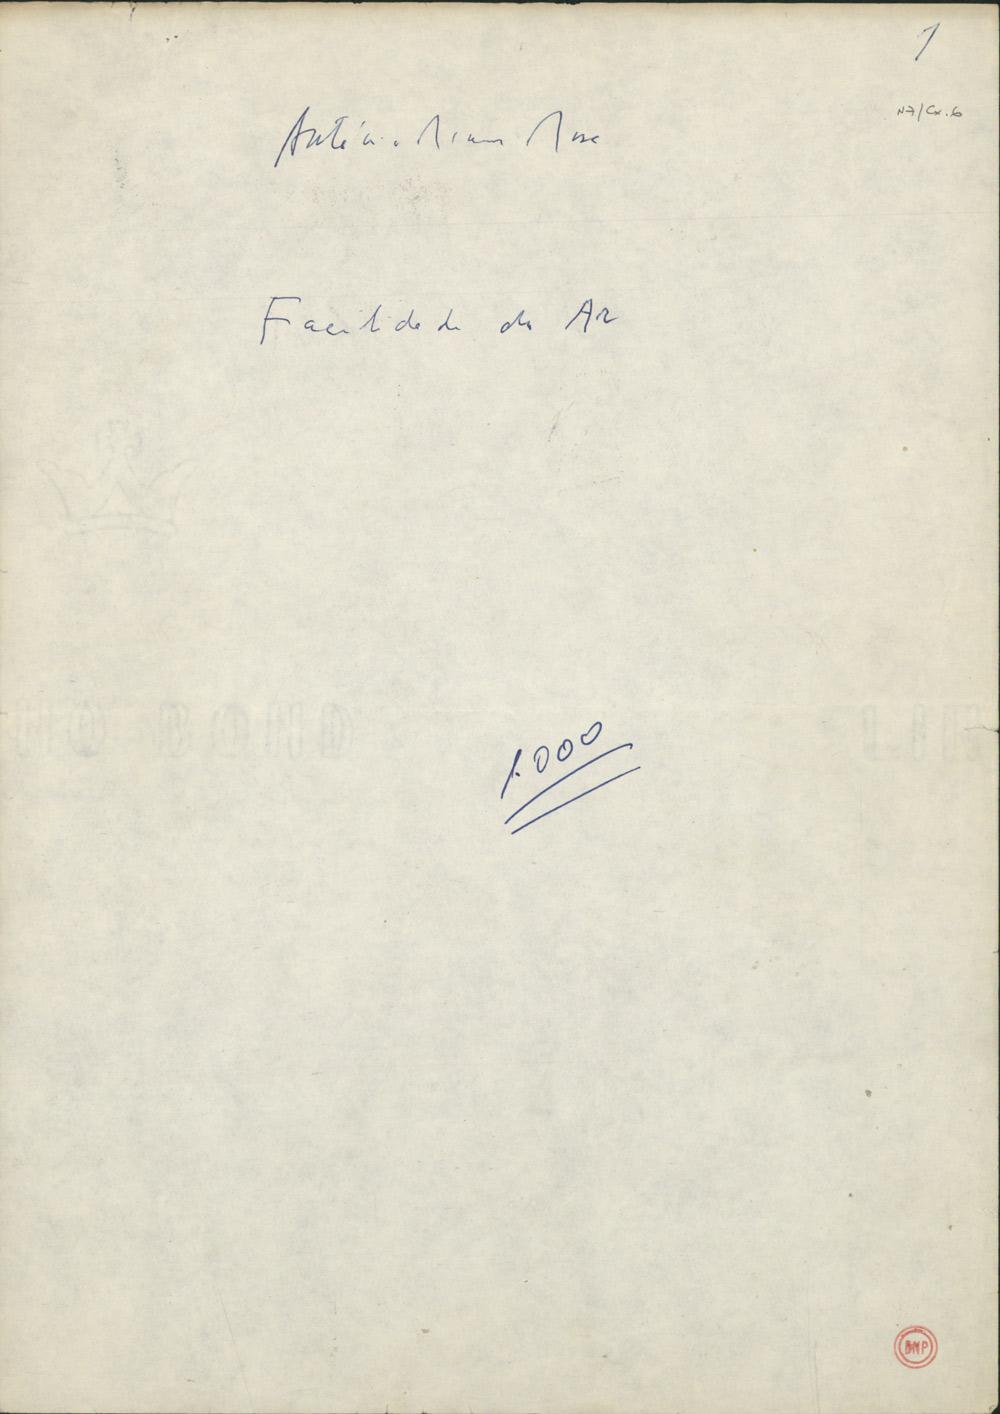 Presumível folha de rosto (manuscrita) do dactiloscrito do livro Facilidade do Ar, publicado pela Caminho em 1990.